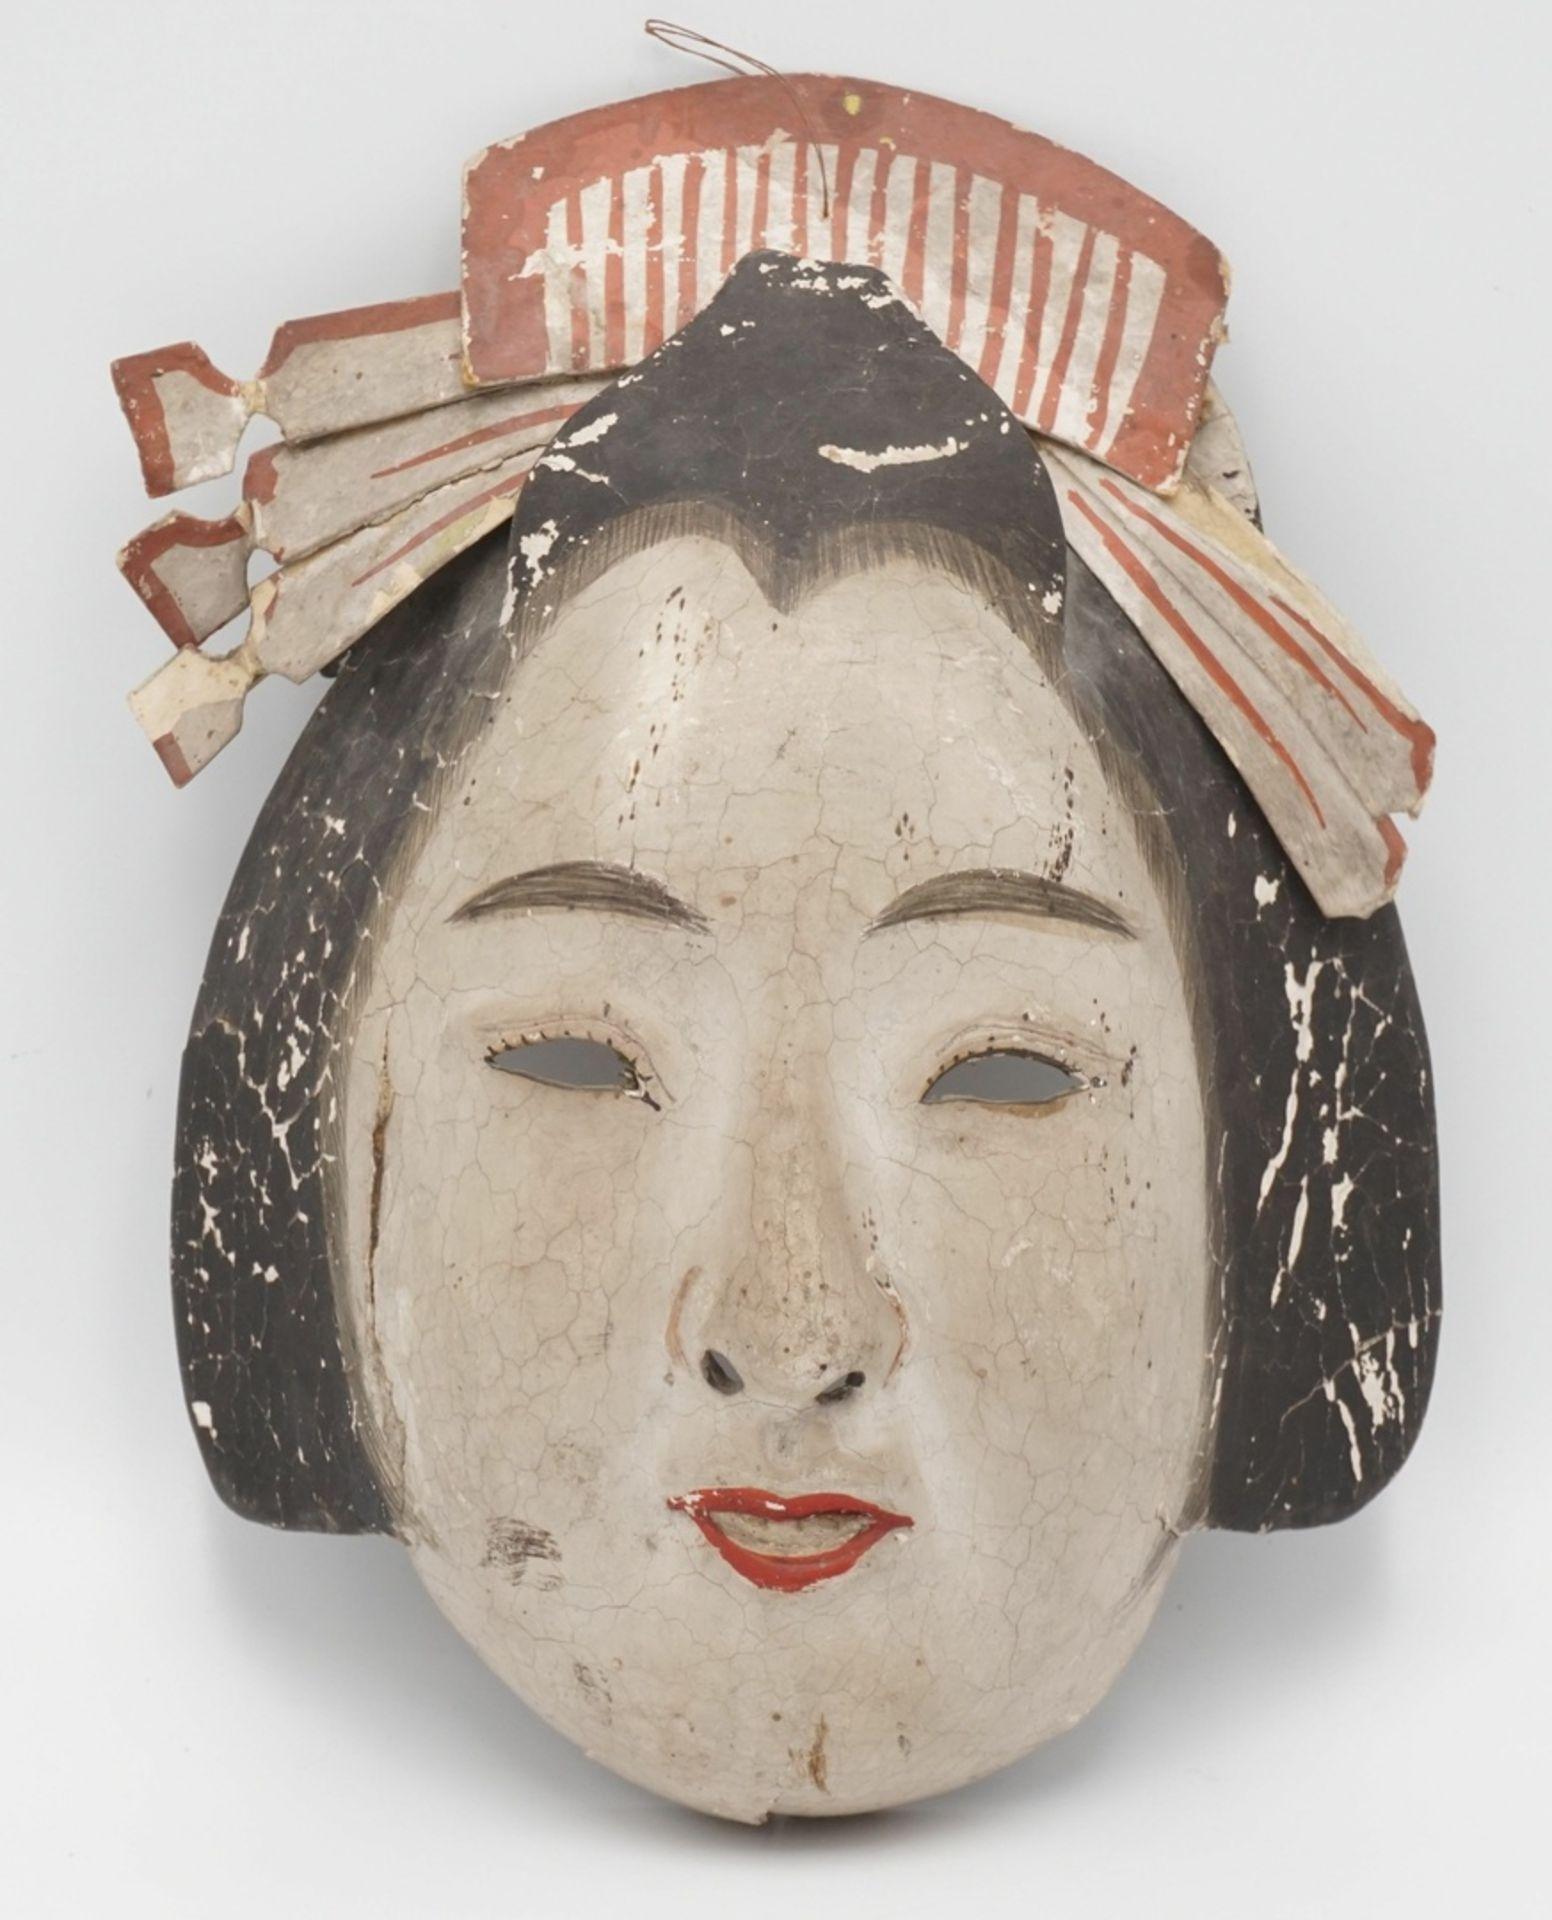 Zwei japanische Masken, Japan, um 1900 - Bild 5 aus 7